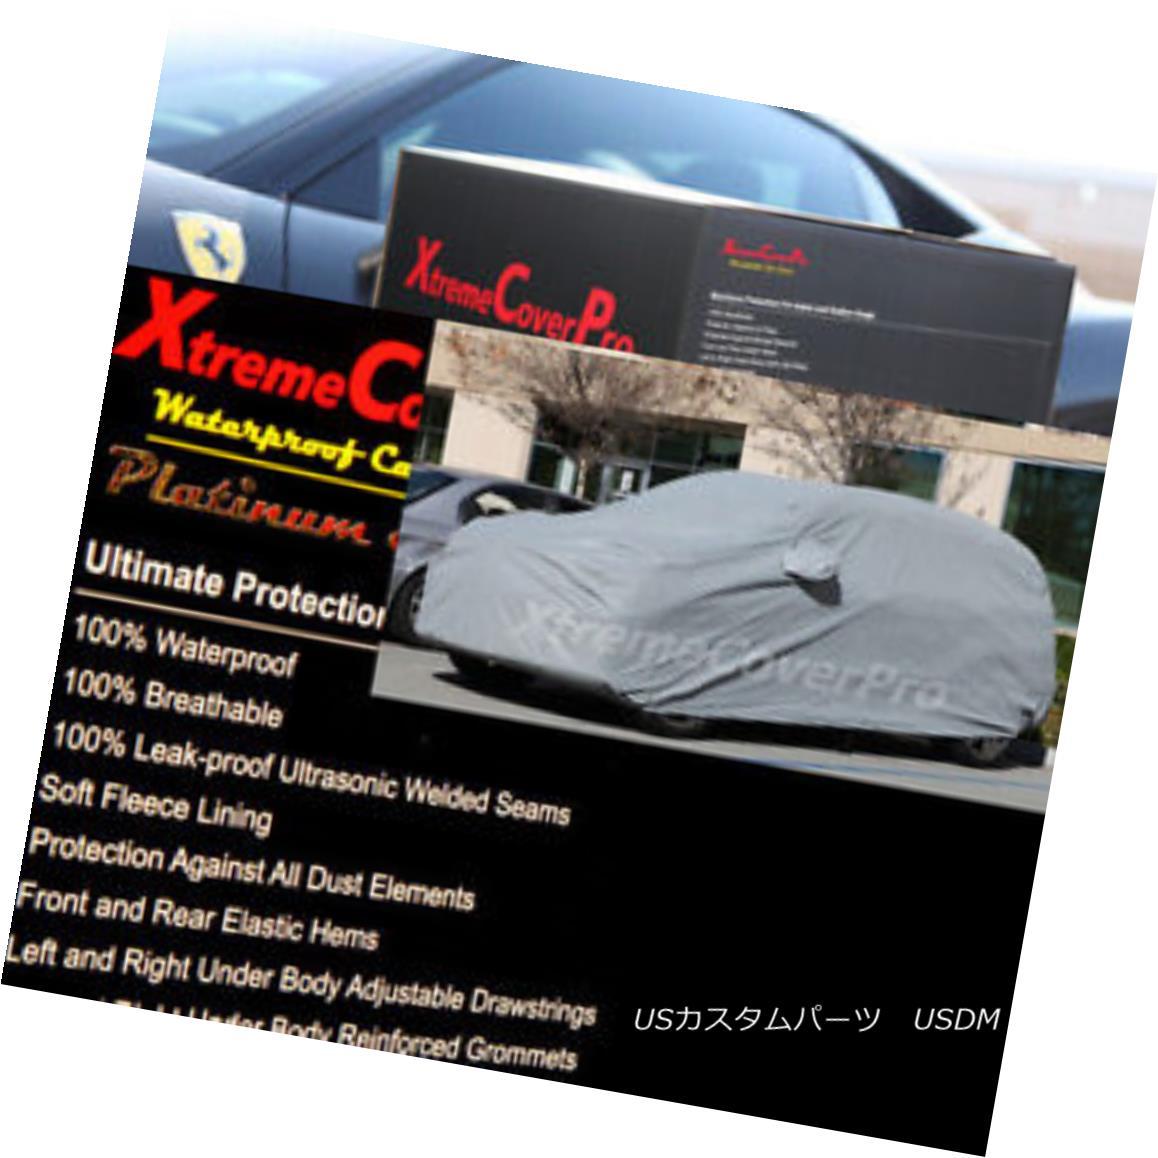 カーカバー 2015 TOYOTA SEQUOIA Waterproof Car Cover w/Mirror Pockets - Gray 2015 TOYOTA SEQUOIAミラーポケット付き防水カーカバー - グレー